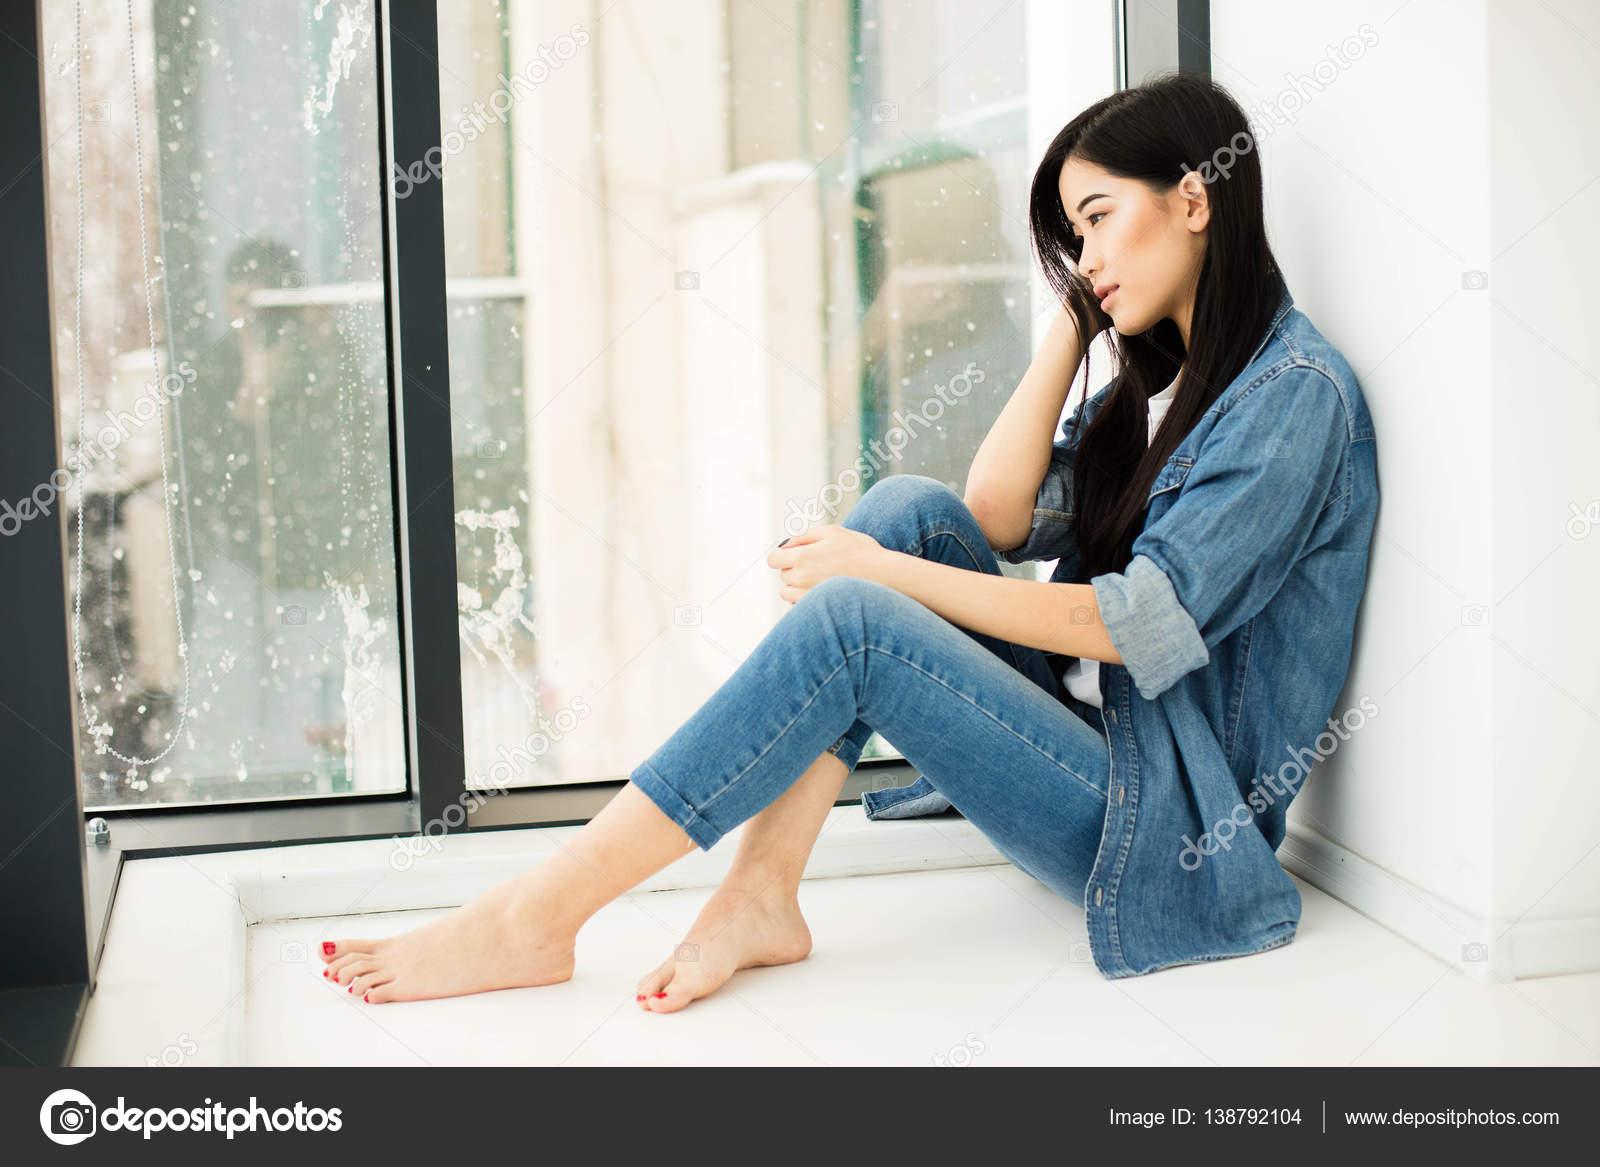 Chica Sentada En El Suelo Al Lado De Una Ventana